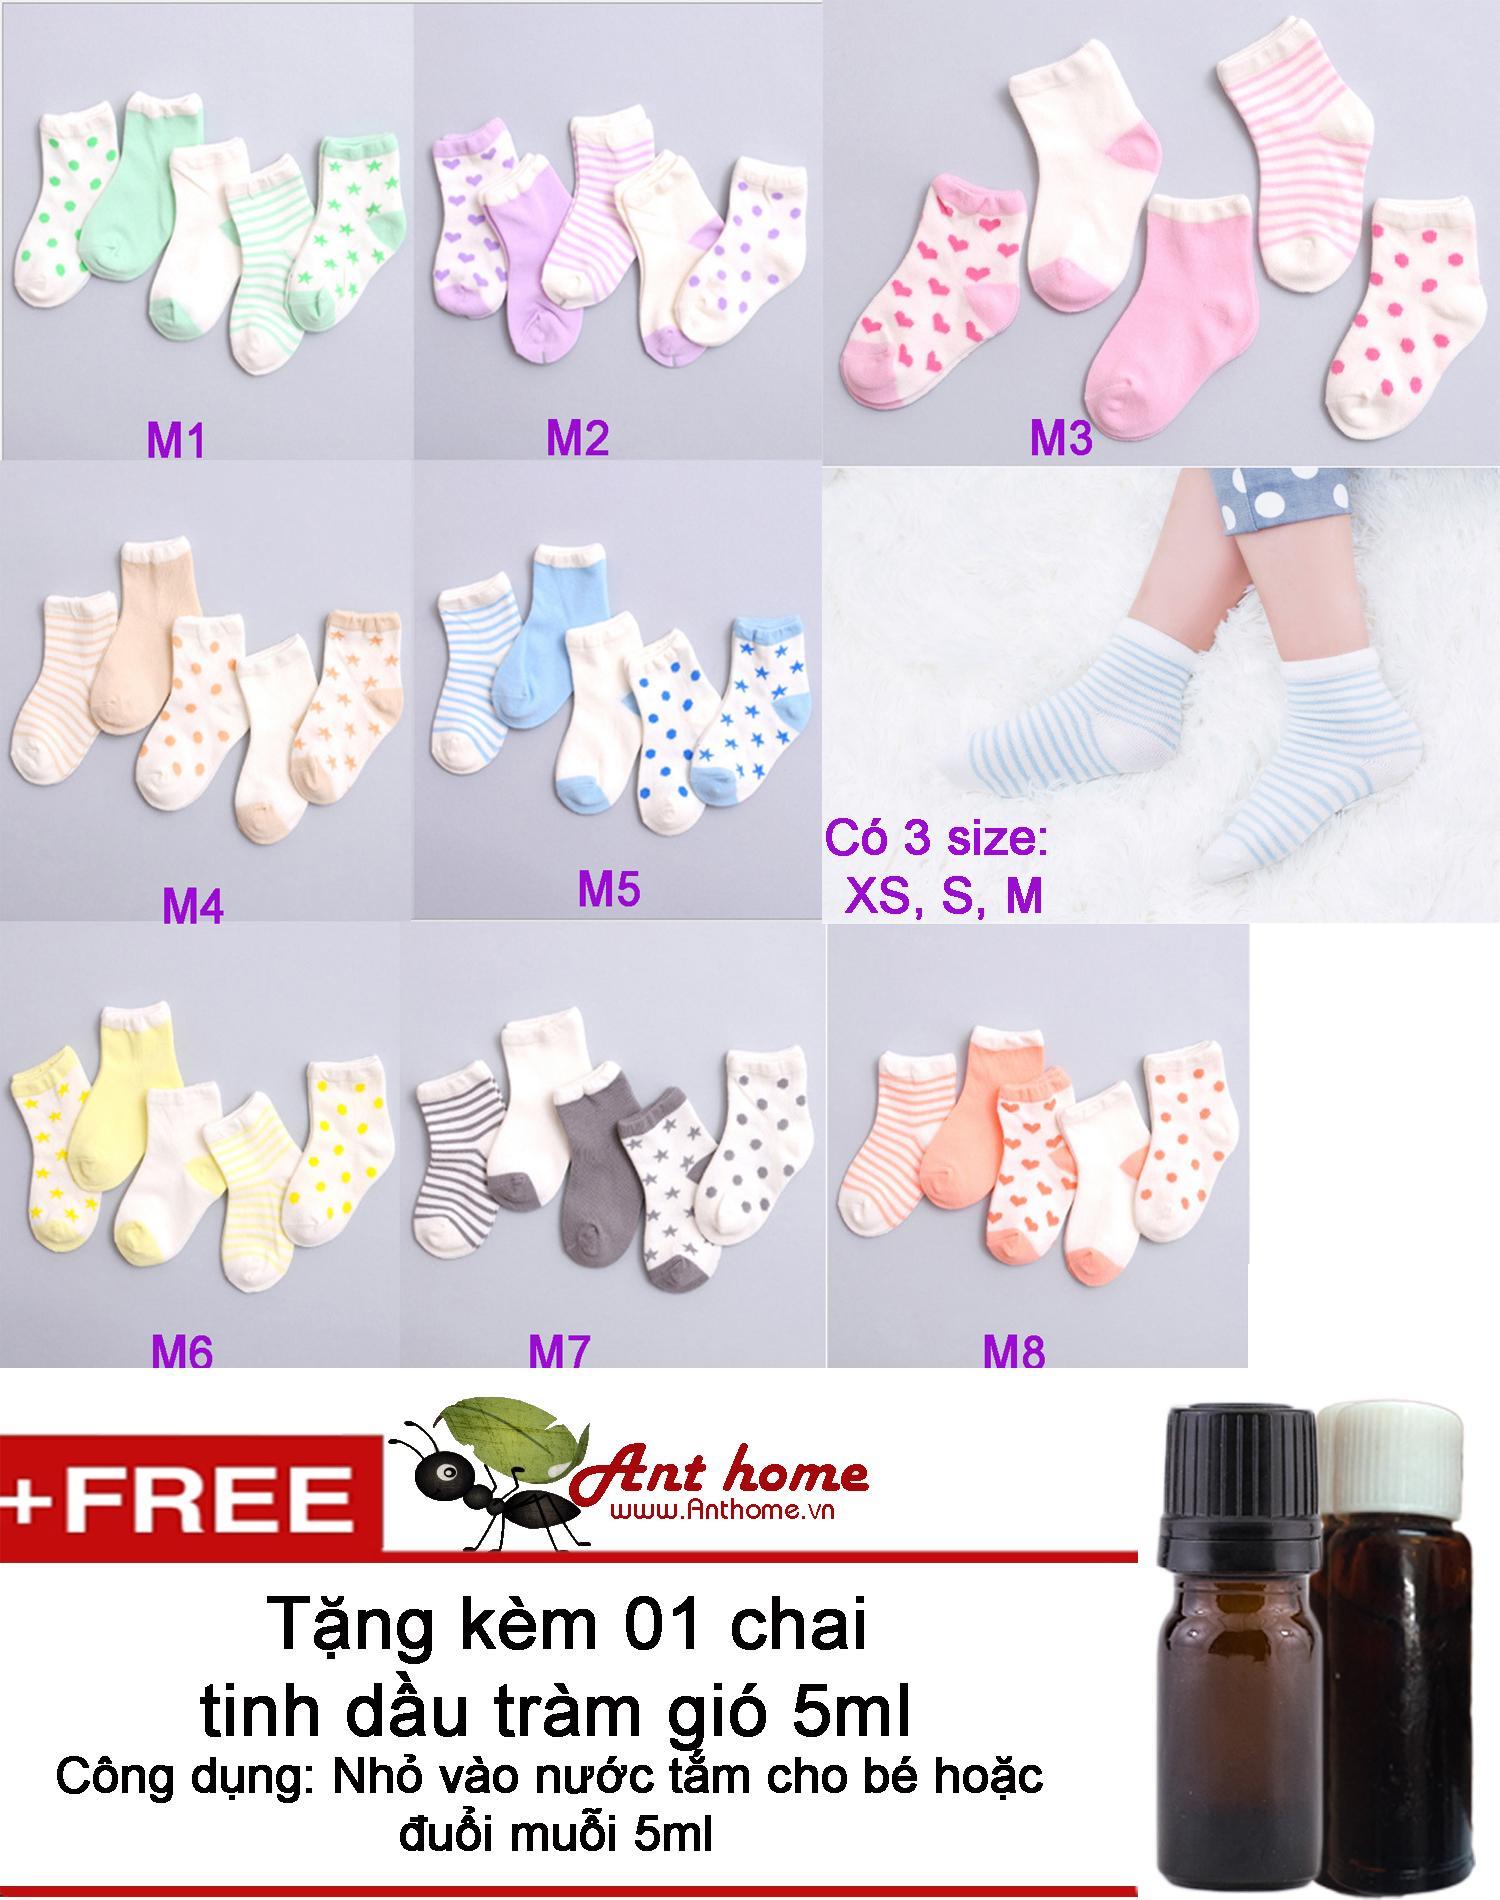 Combo 5 đôi vớ (tất) bé gái từ 0-1 tuổi size XS mẫu M6 + Tặng 1 chai tinh dầu tràm gió 5ml